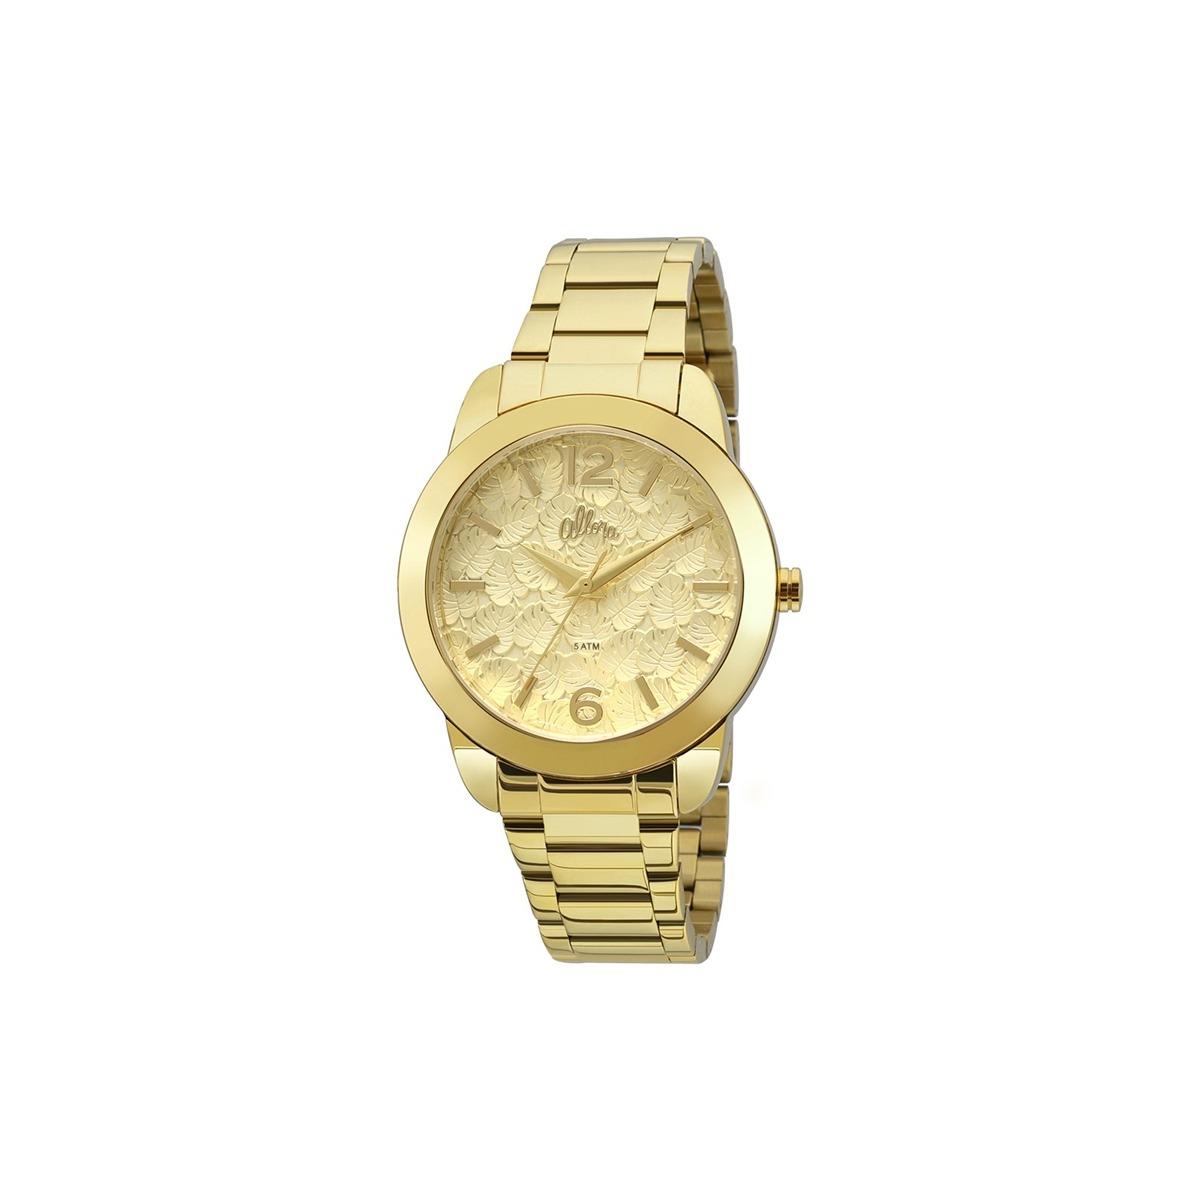 640ae964bdf relógio allora analógico feminino + banhado a ouro 24k al203. Carregando  zoom.